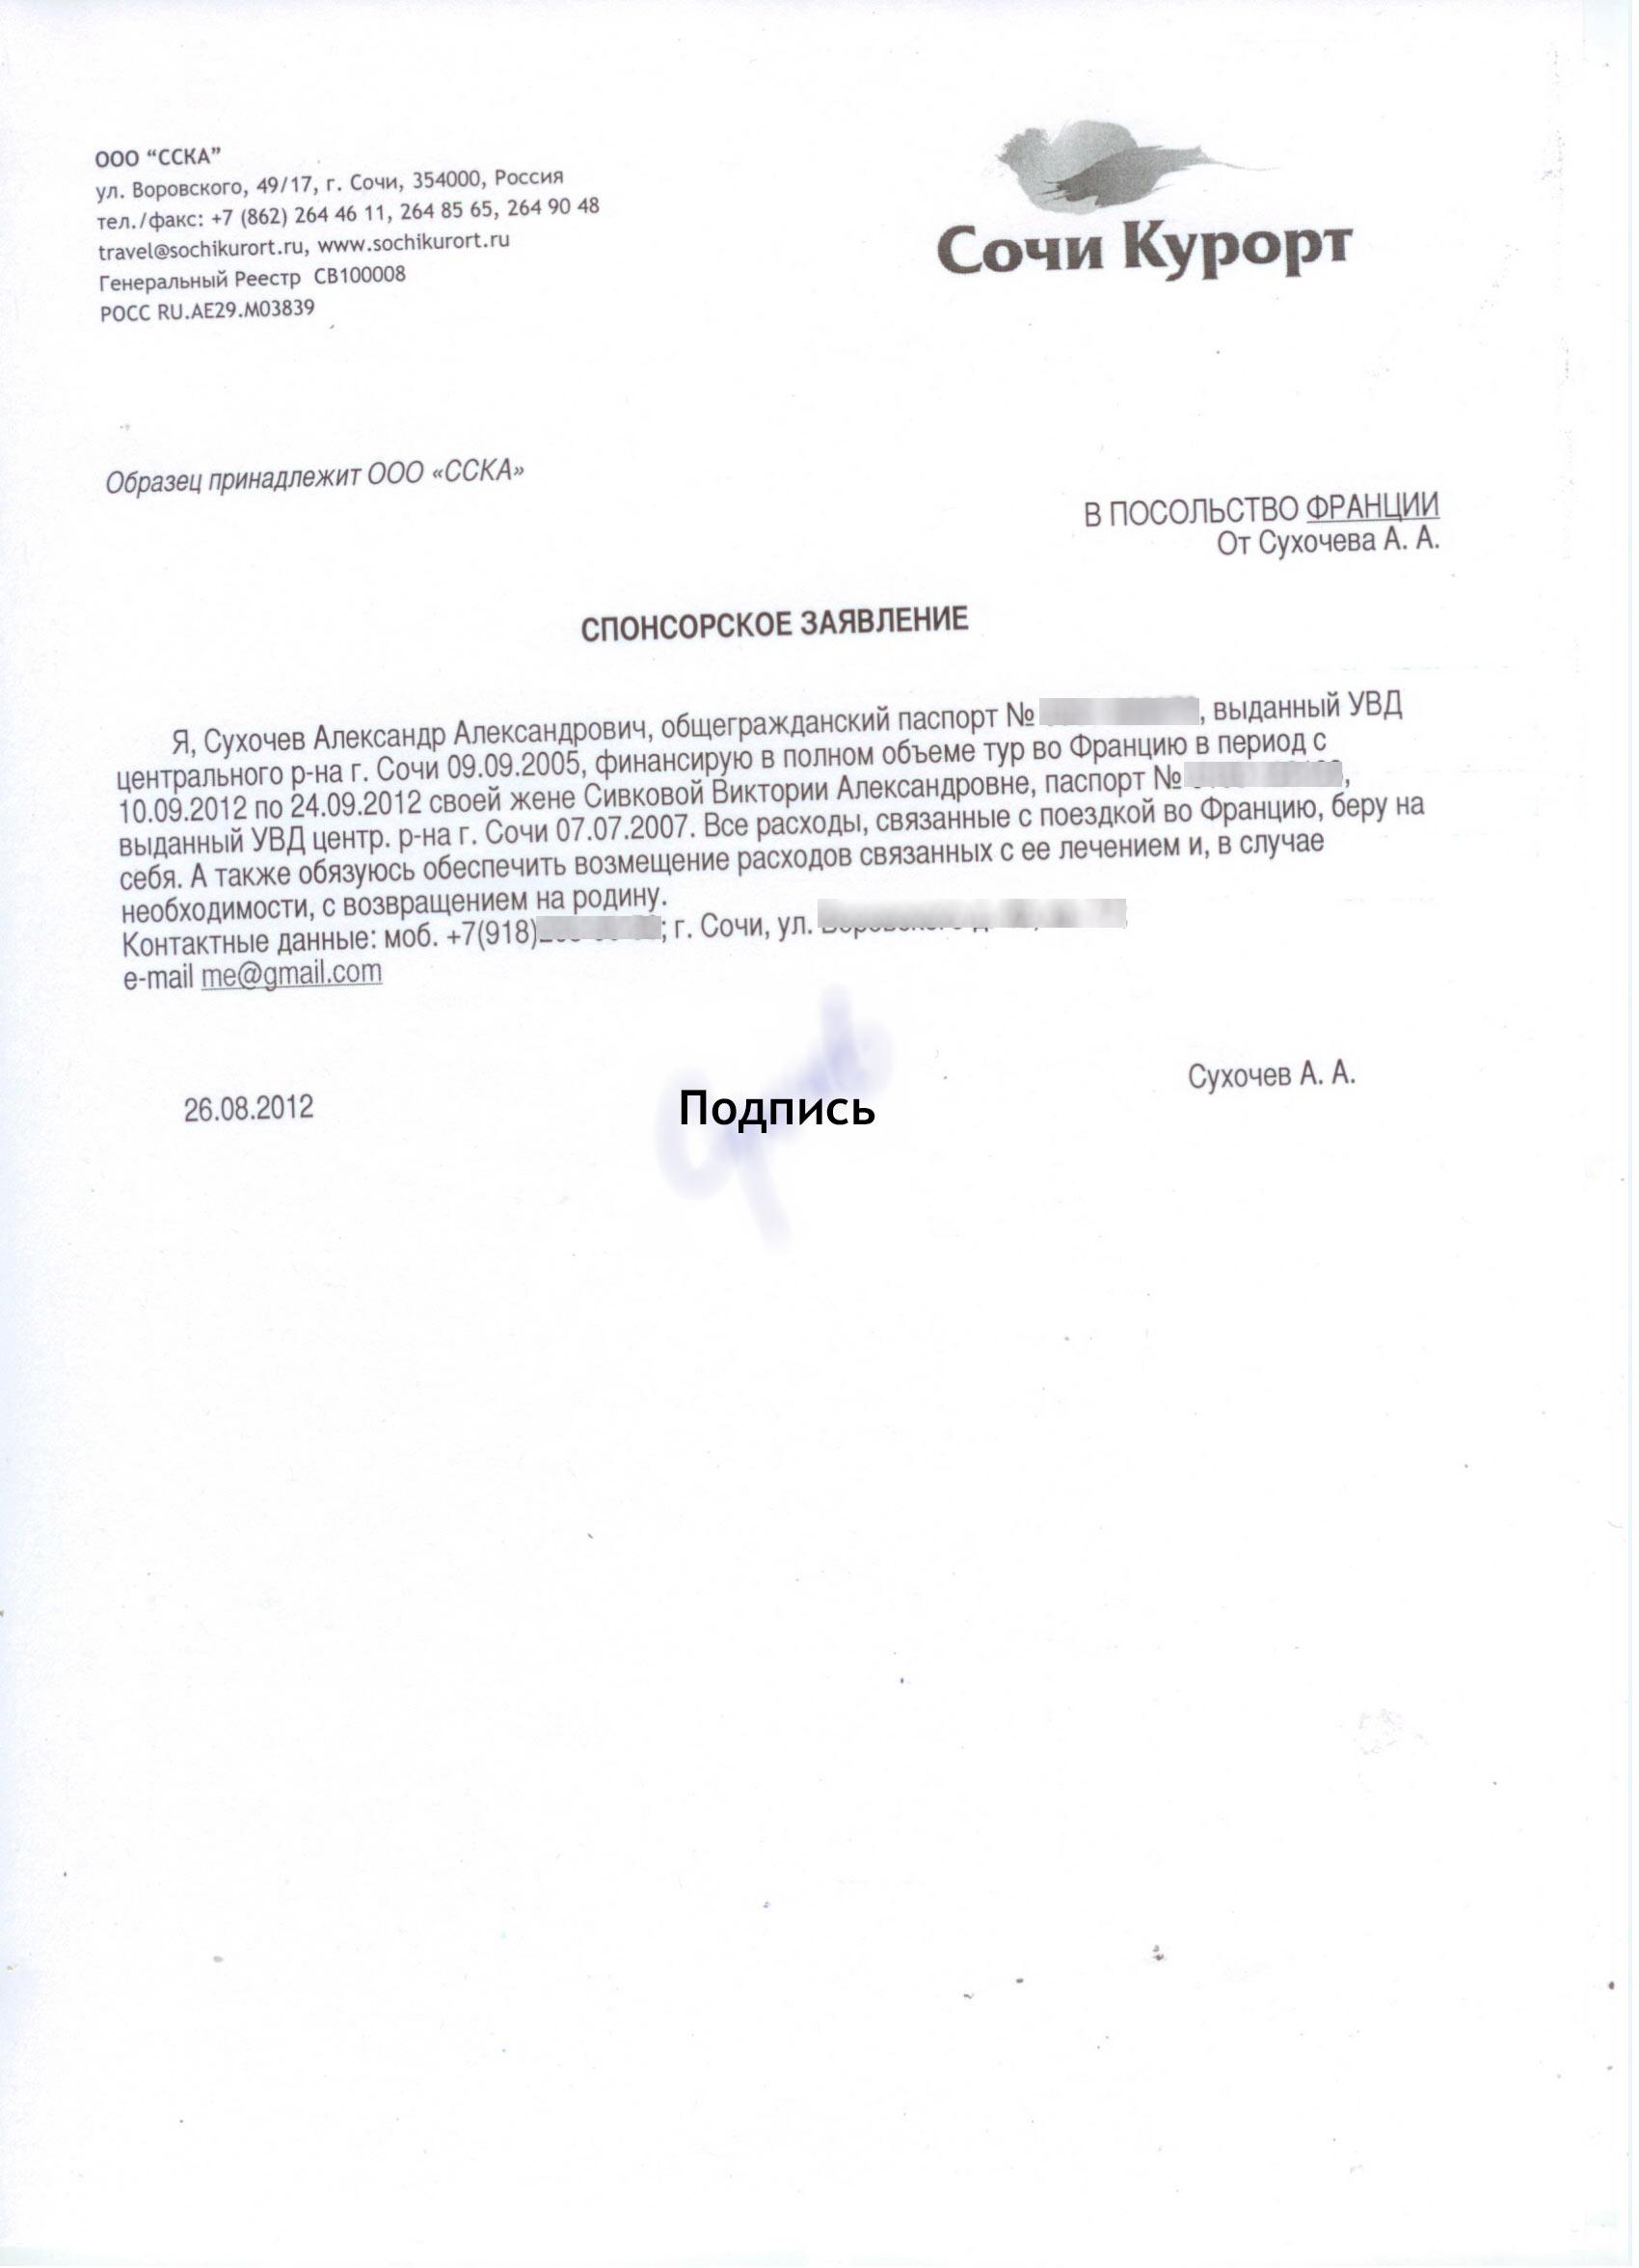 Справка о доходах для получения греческой визы купить трудовой договор Подбельского 6-й проезд